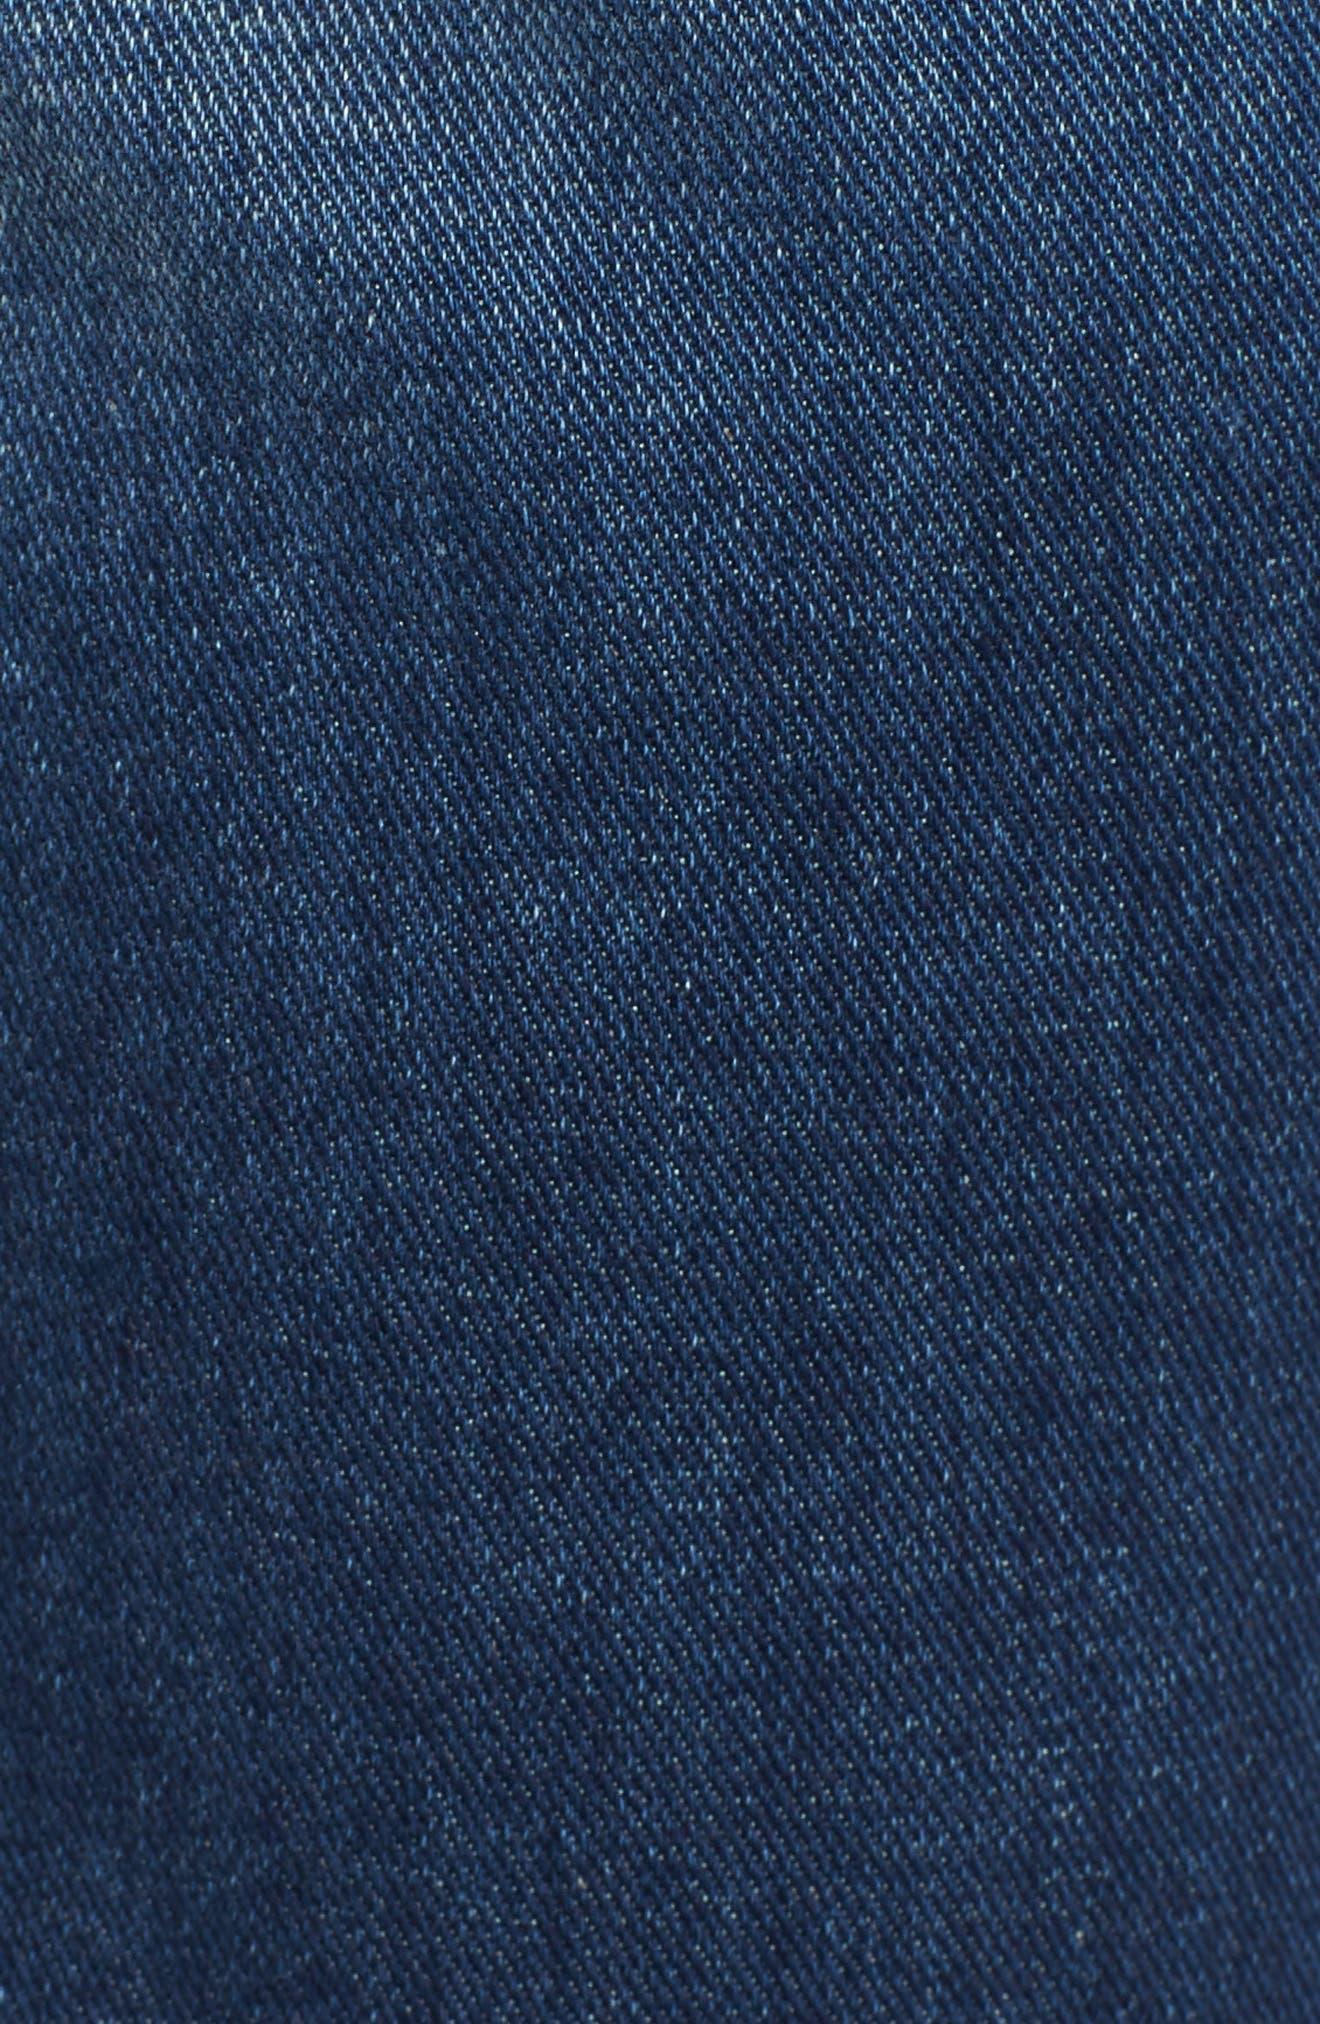 Standard Straight Leg Jeans,                             Alternate thumbnail 5, color,                             400